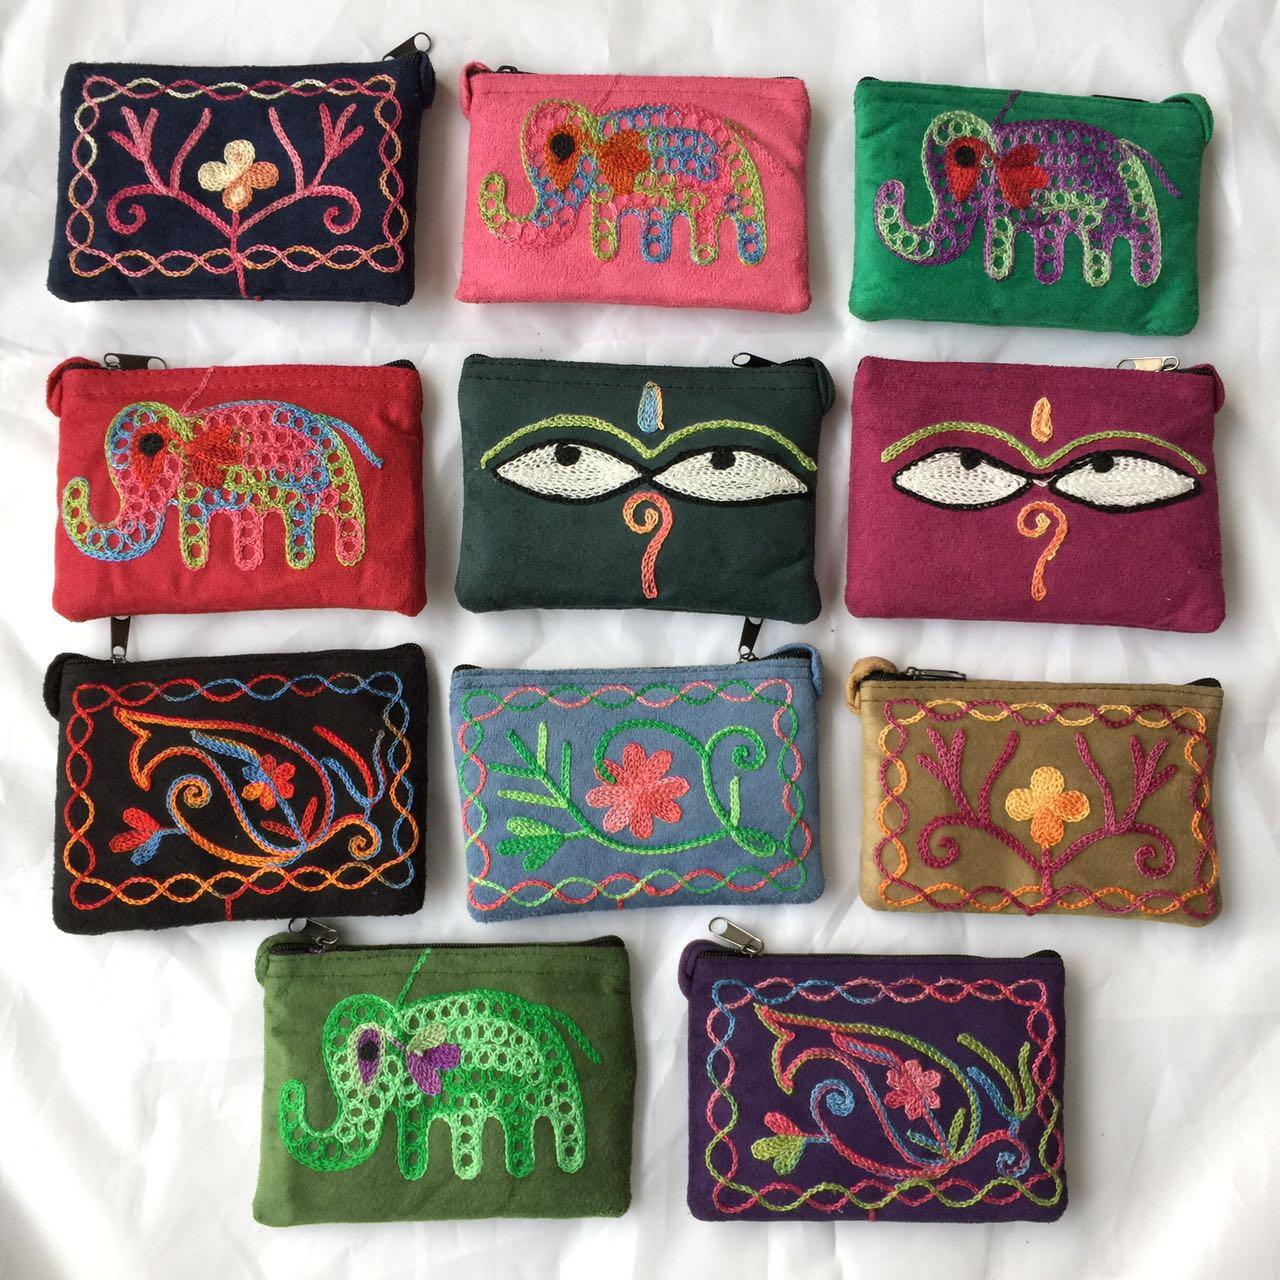 紫色钱包 包邮尼泊尔手工刺绣麂皮民族风迷你零钱包钱袋卡包短款布艺硬币包_推荐淘宝好看的紫色钱包